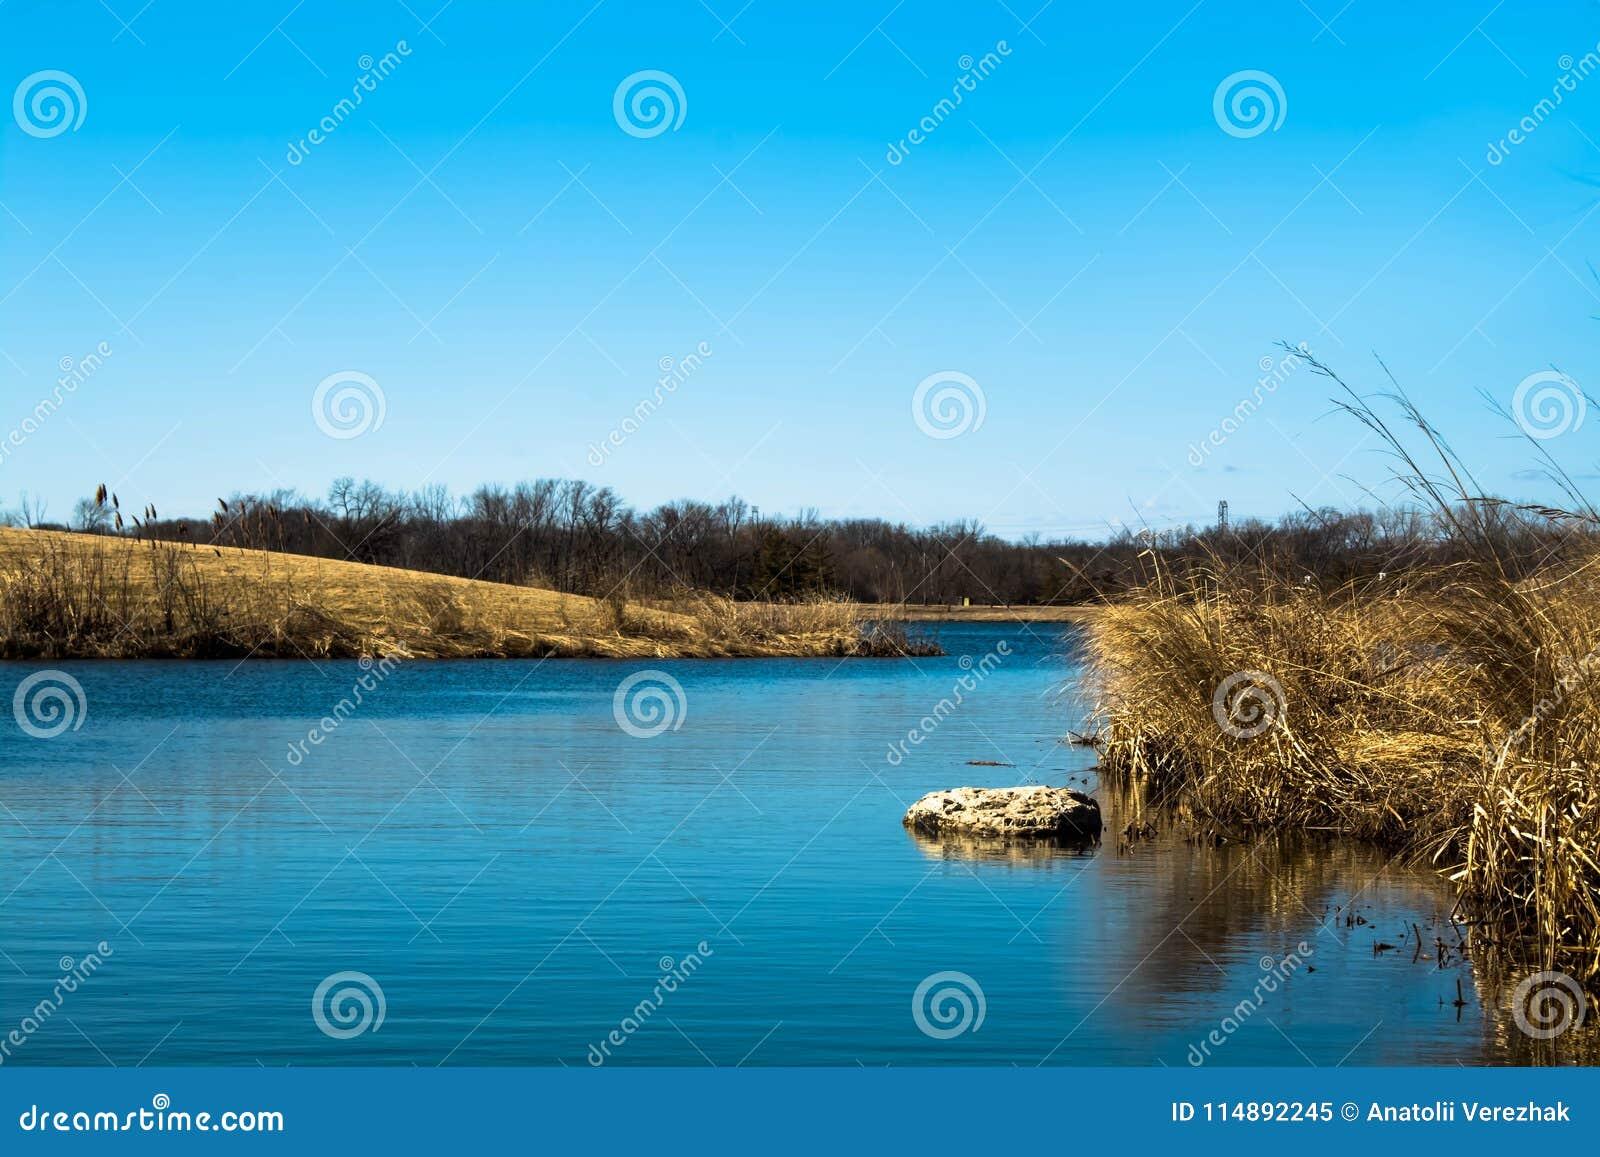 Błękitne wody zatoczka w pogodnym ale zimnym dniu